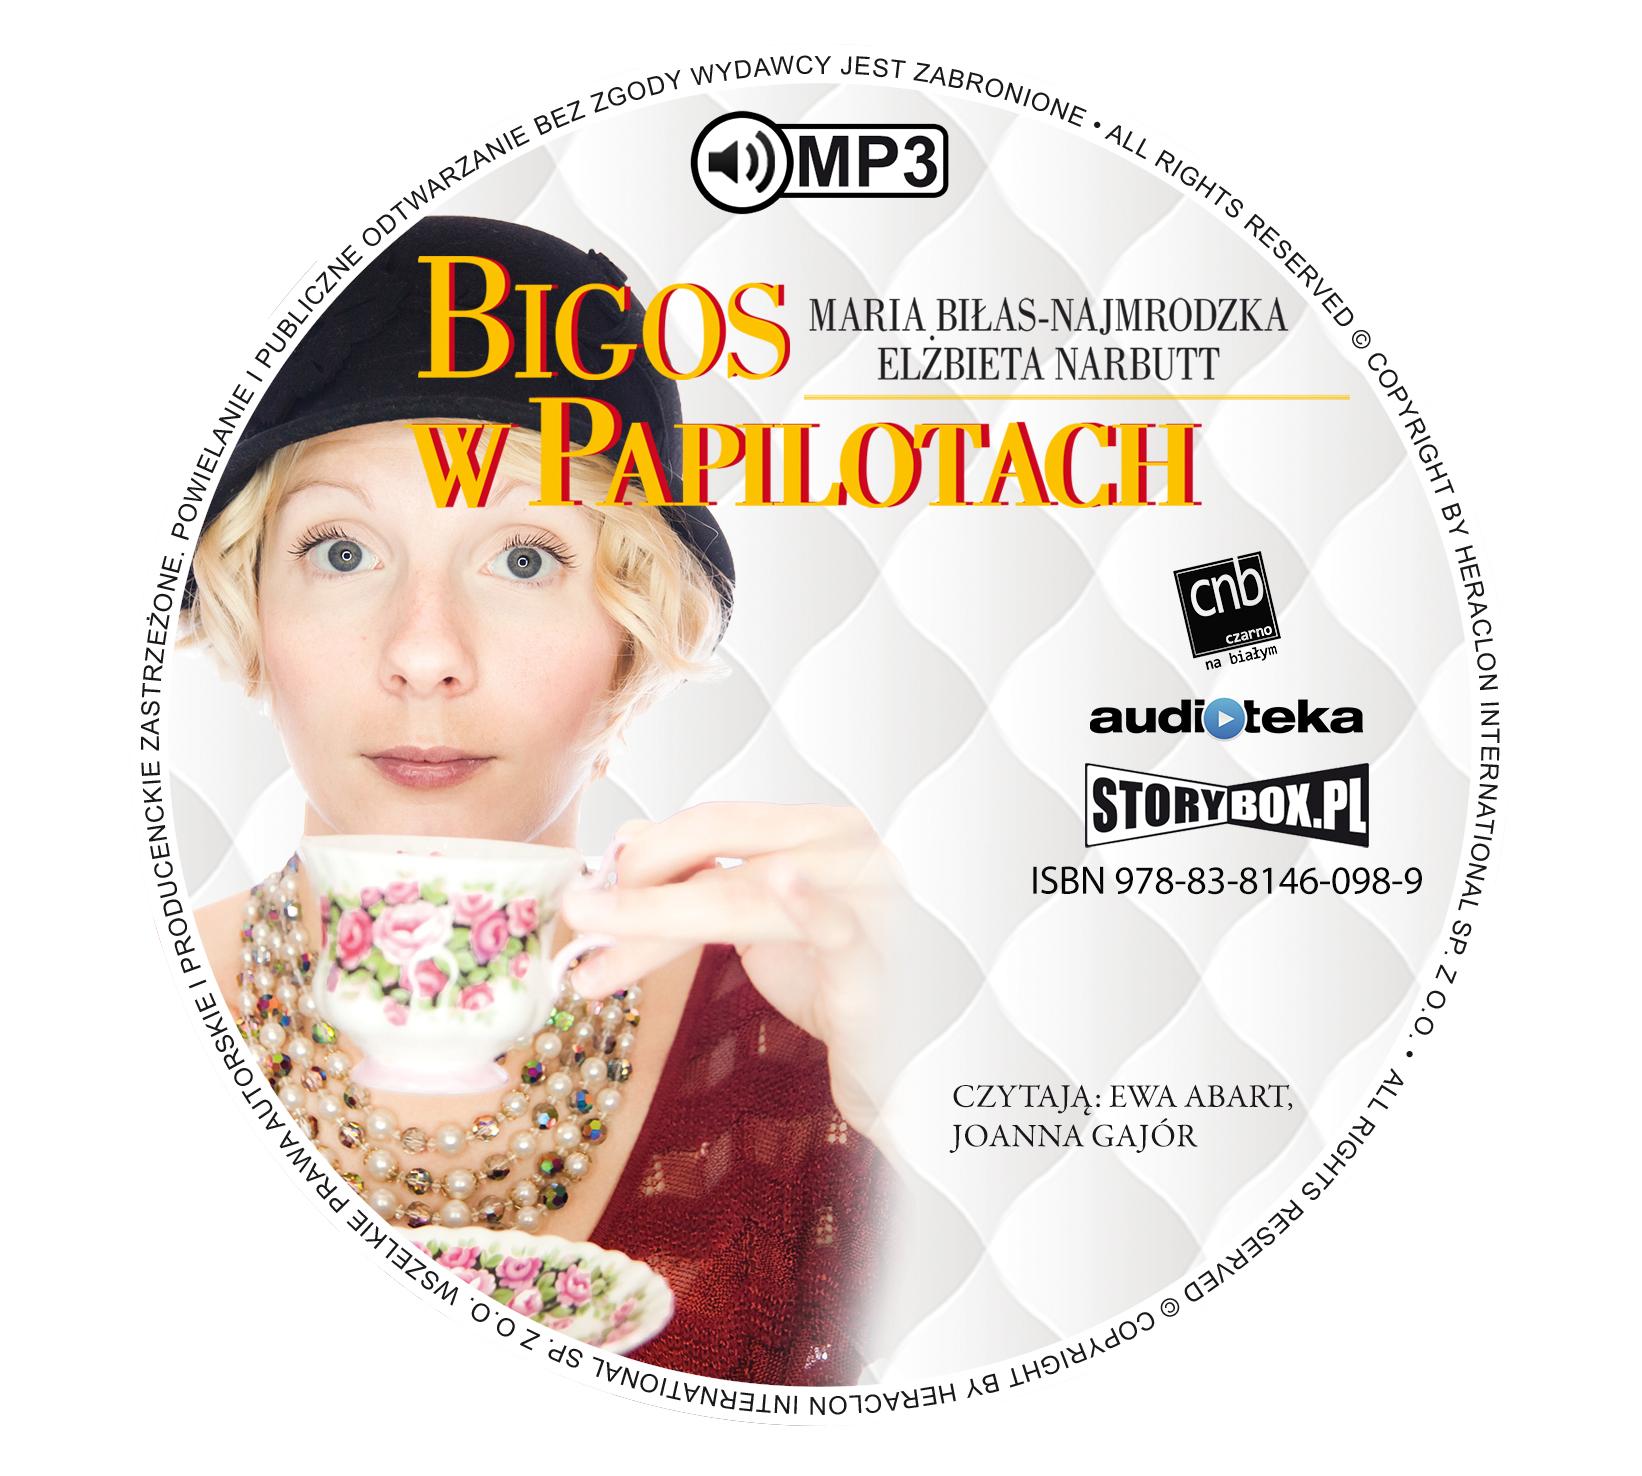 """POCZYTAJ MI NA UCHO: """"Bigos w papilotach"""" Maria Biłas-Najmrodzka, Elżbieta Narbutt - recenzja audiobooka"""